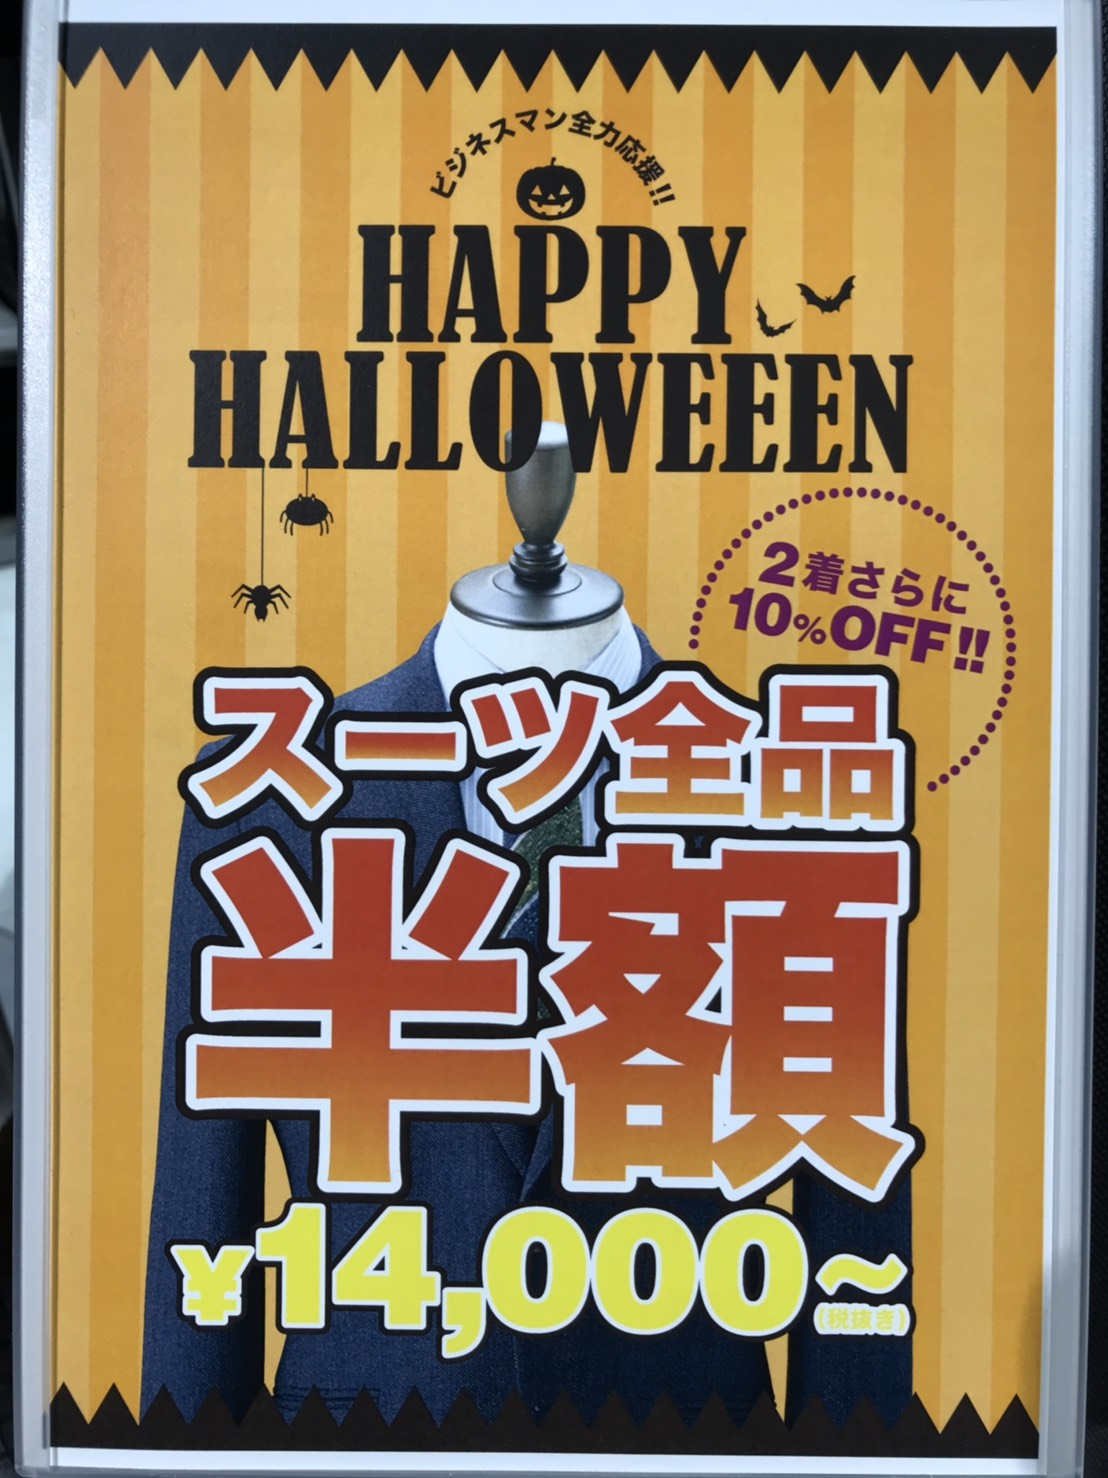 【ハロウィーン スーツ半額SALE開催中!】SUITS&SUITS東大阪店